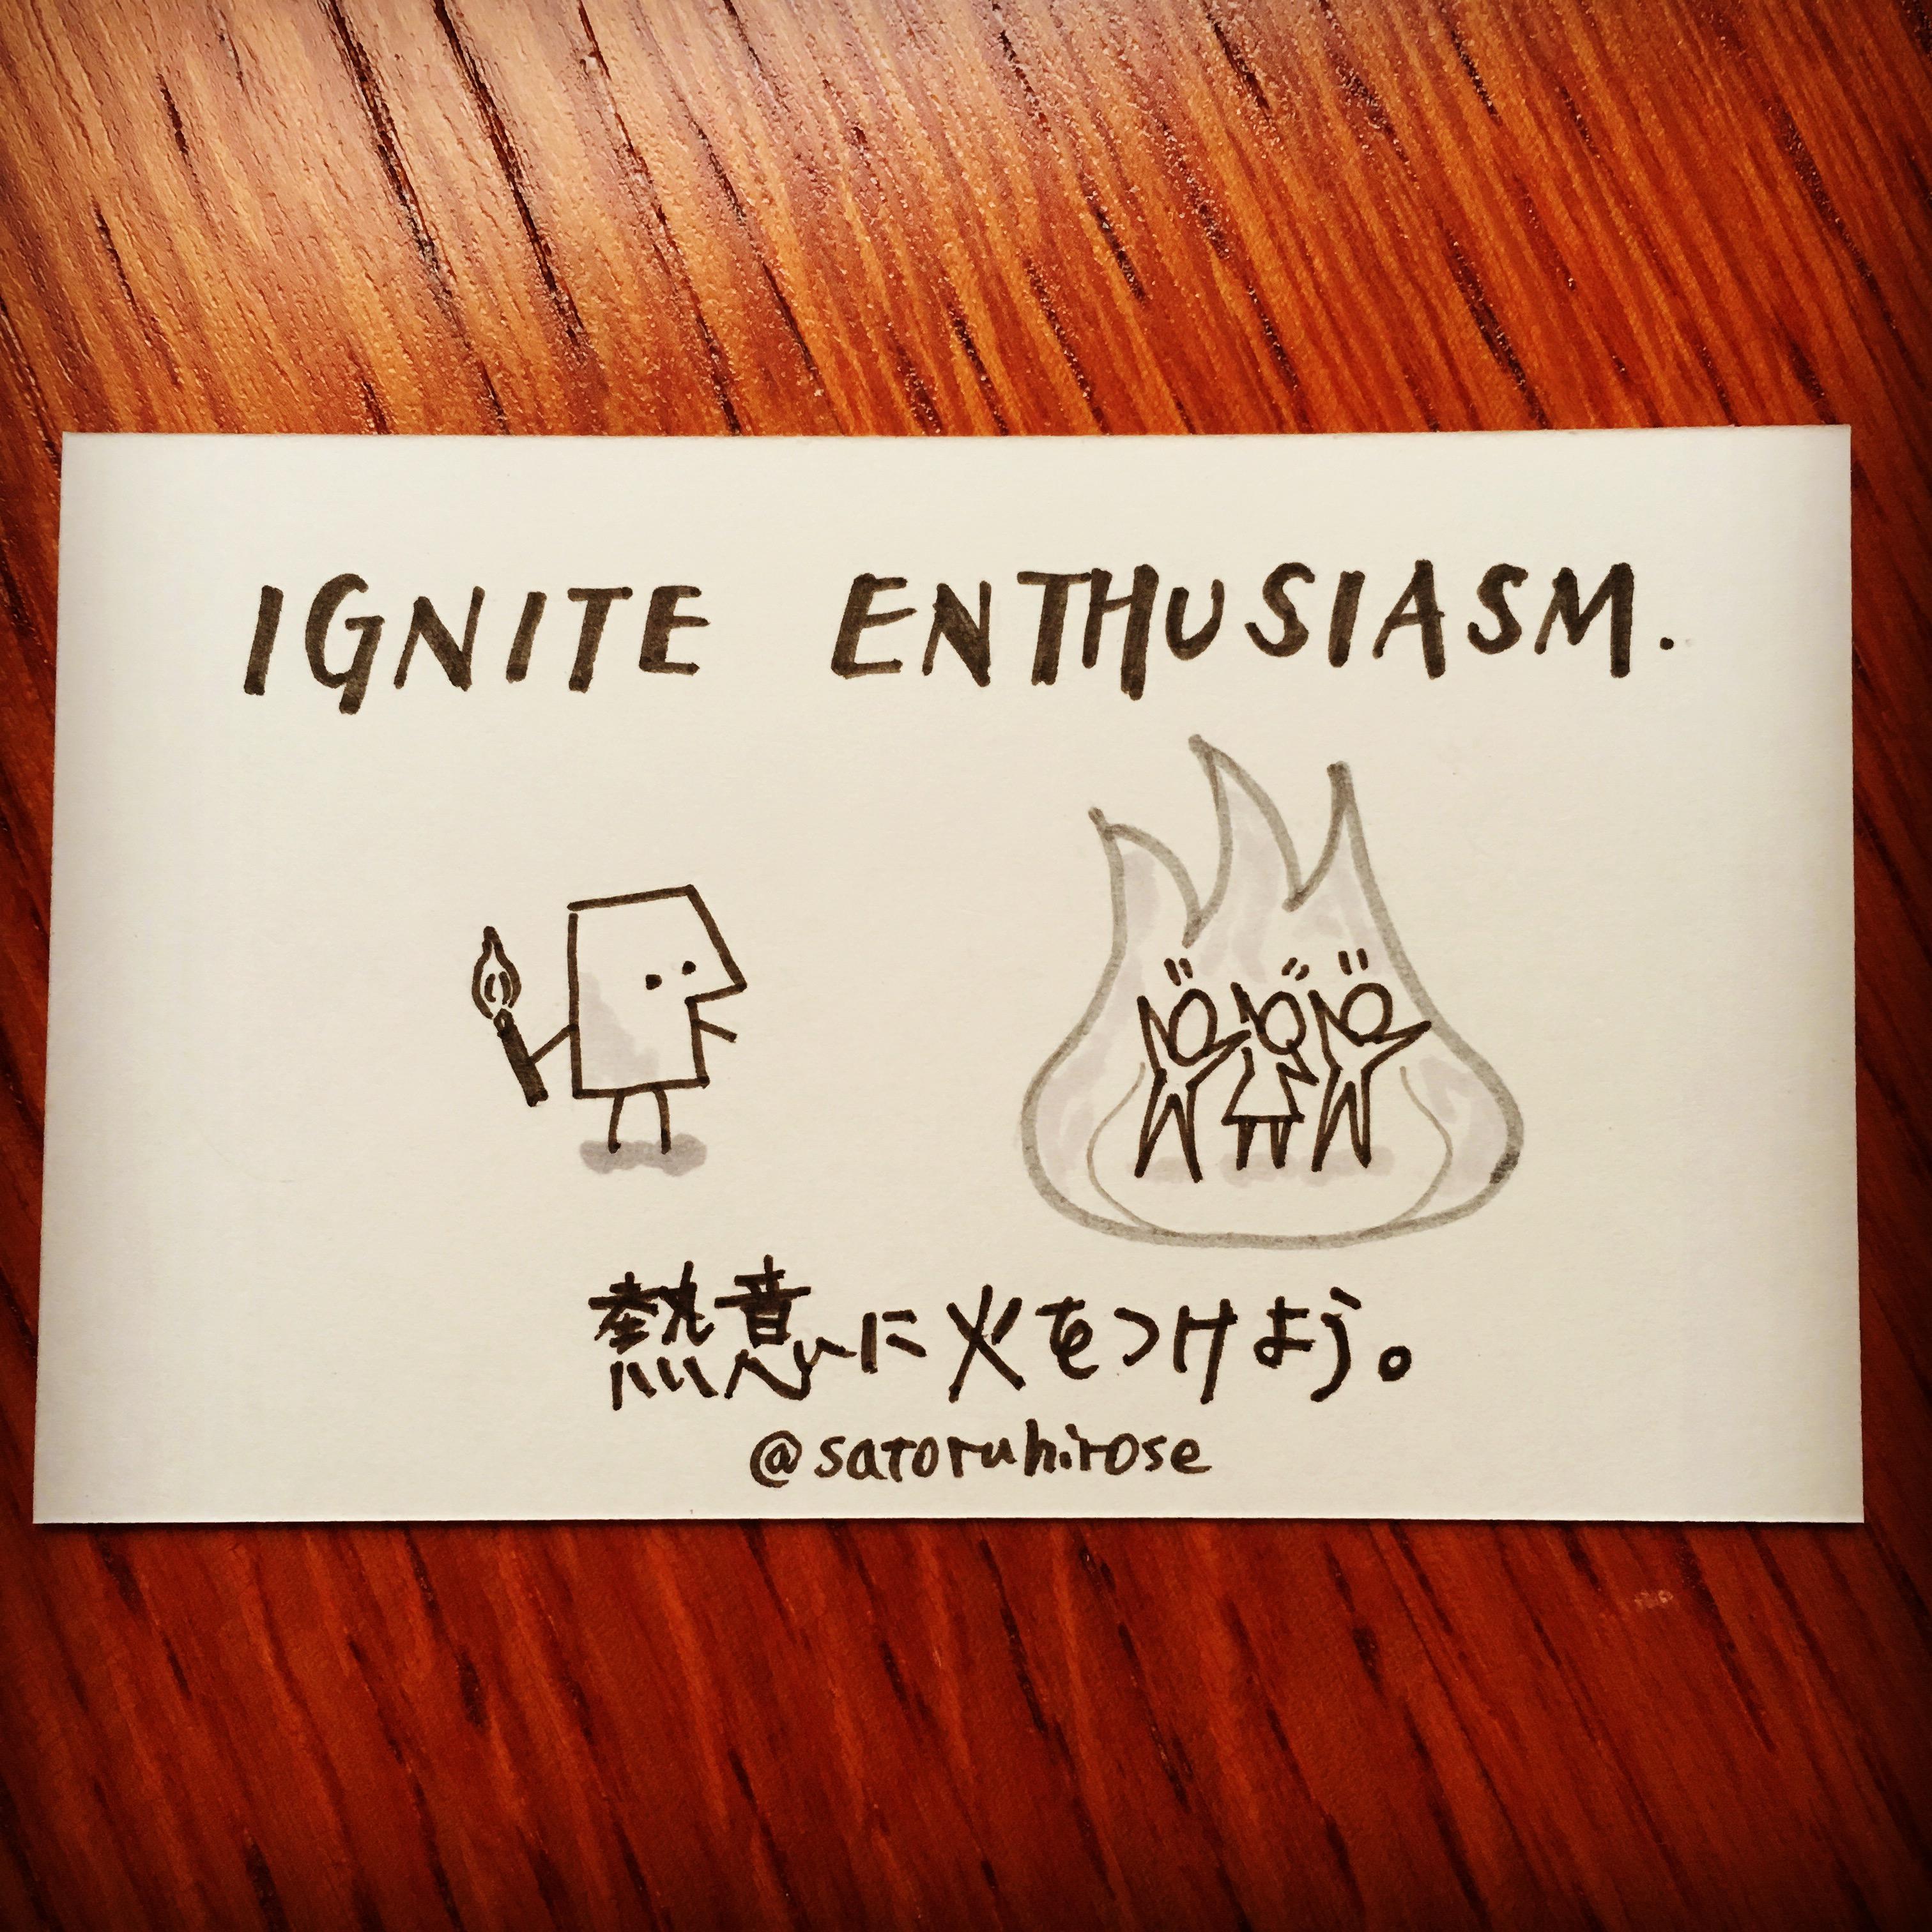 Ignite enthusiasm.